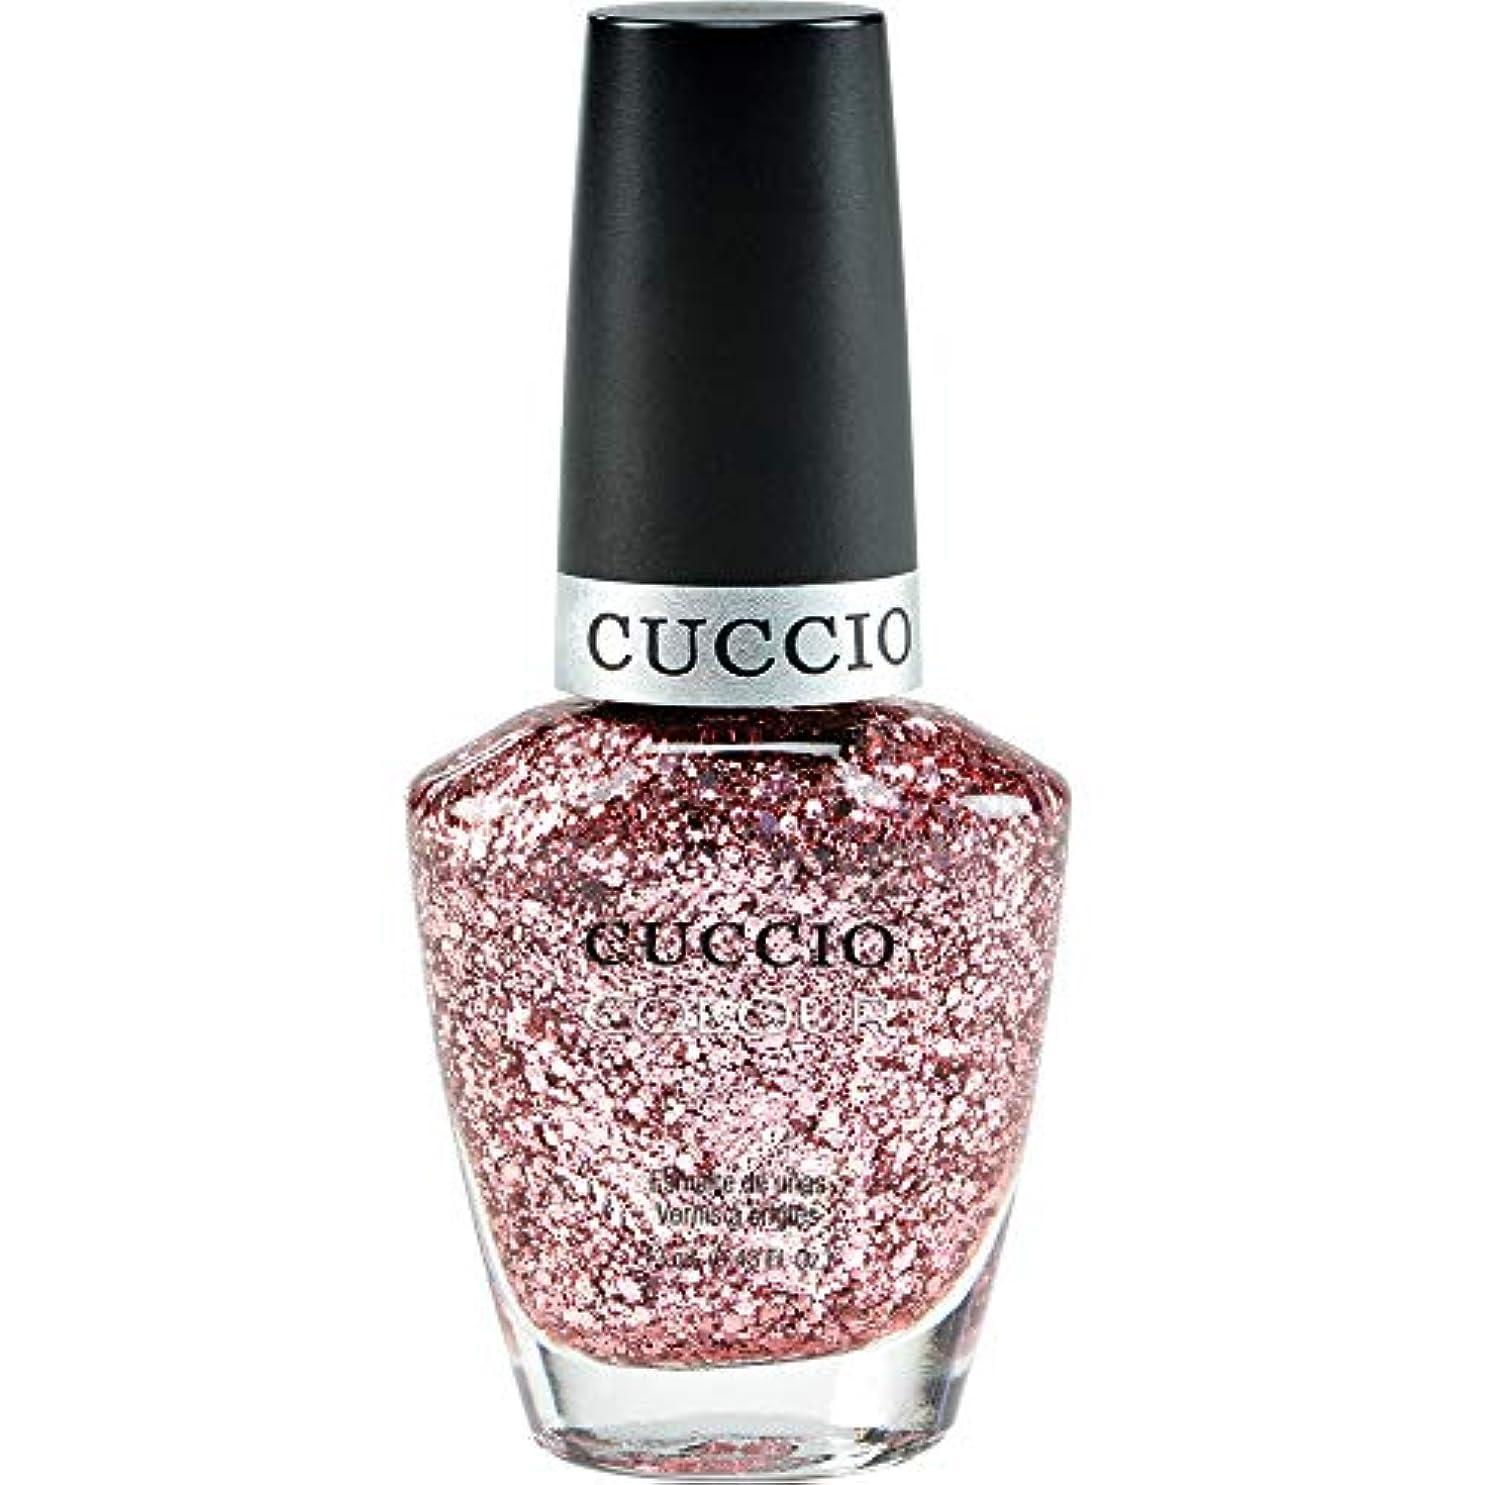 Cuccio Colour Gloss Lacquer - Fever of Love - 0.43oz / 13ml